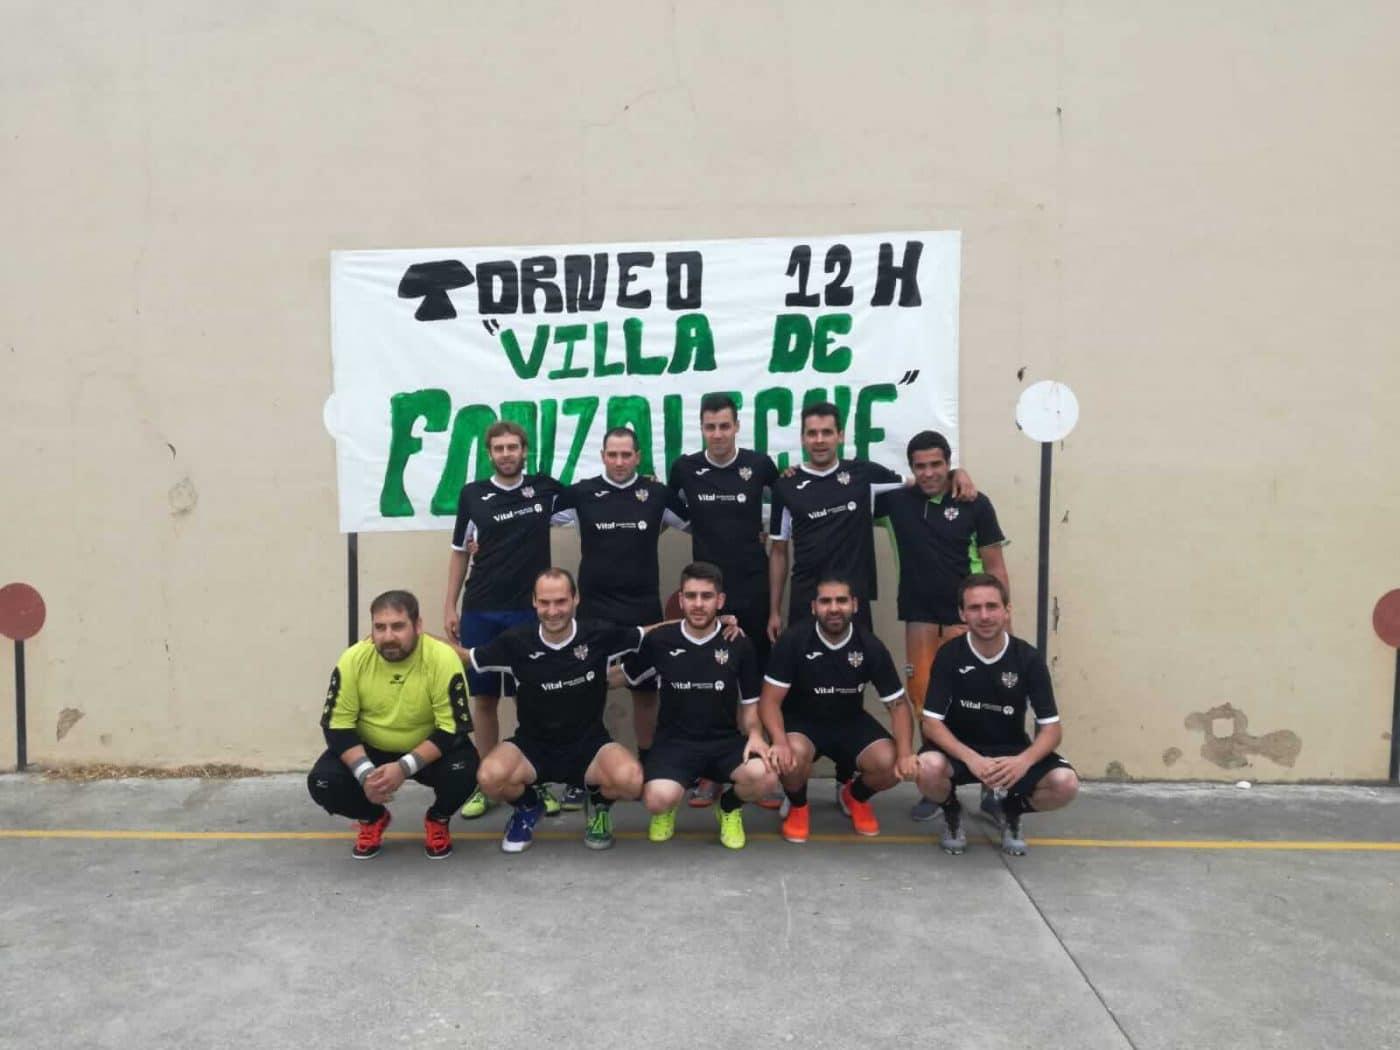 Fonzaleche vibró con sus 12 horas de fútbol sala 1